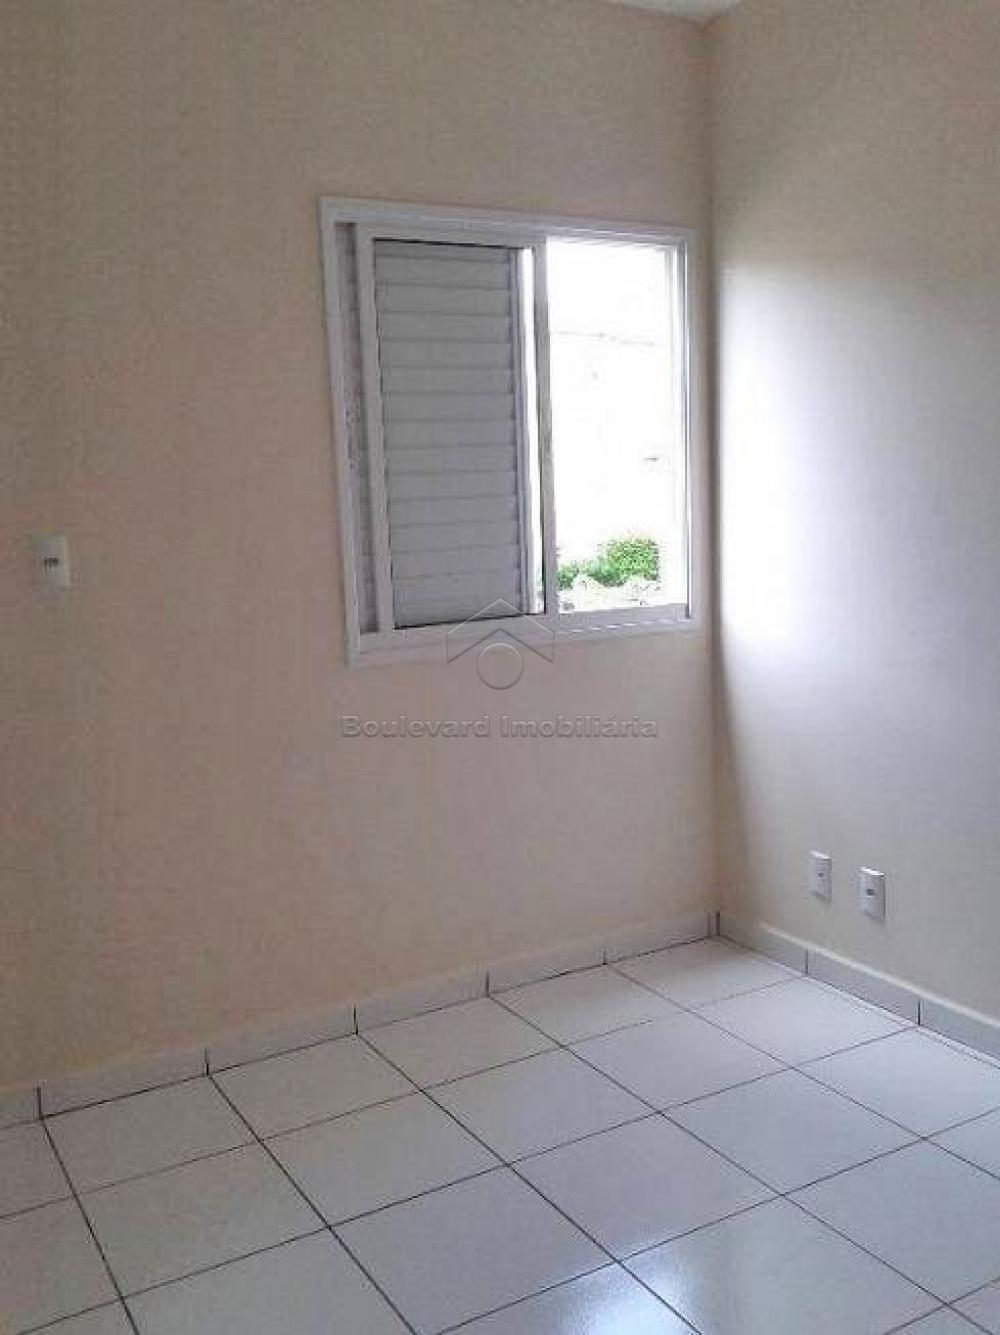 Alugar Apartamento / Padrão em Ribeirão Preto R$ 1.260,00 - Foto 9